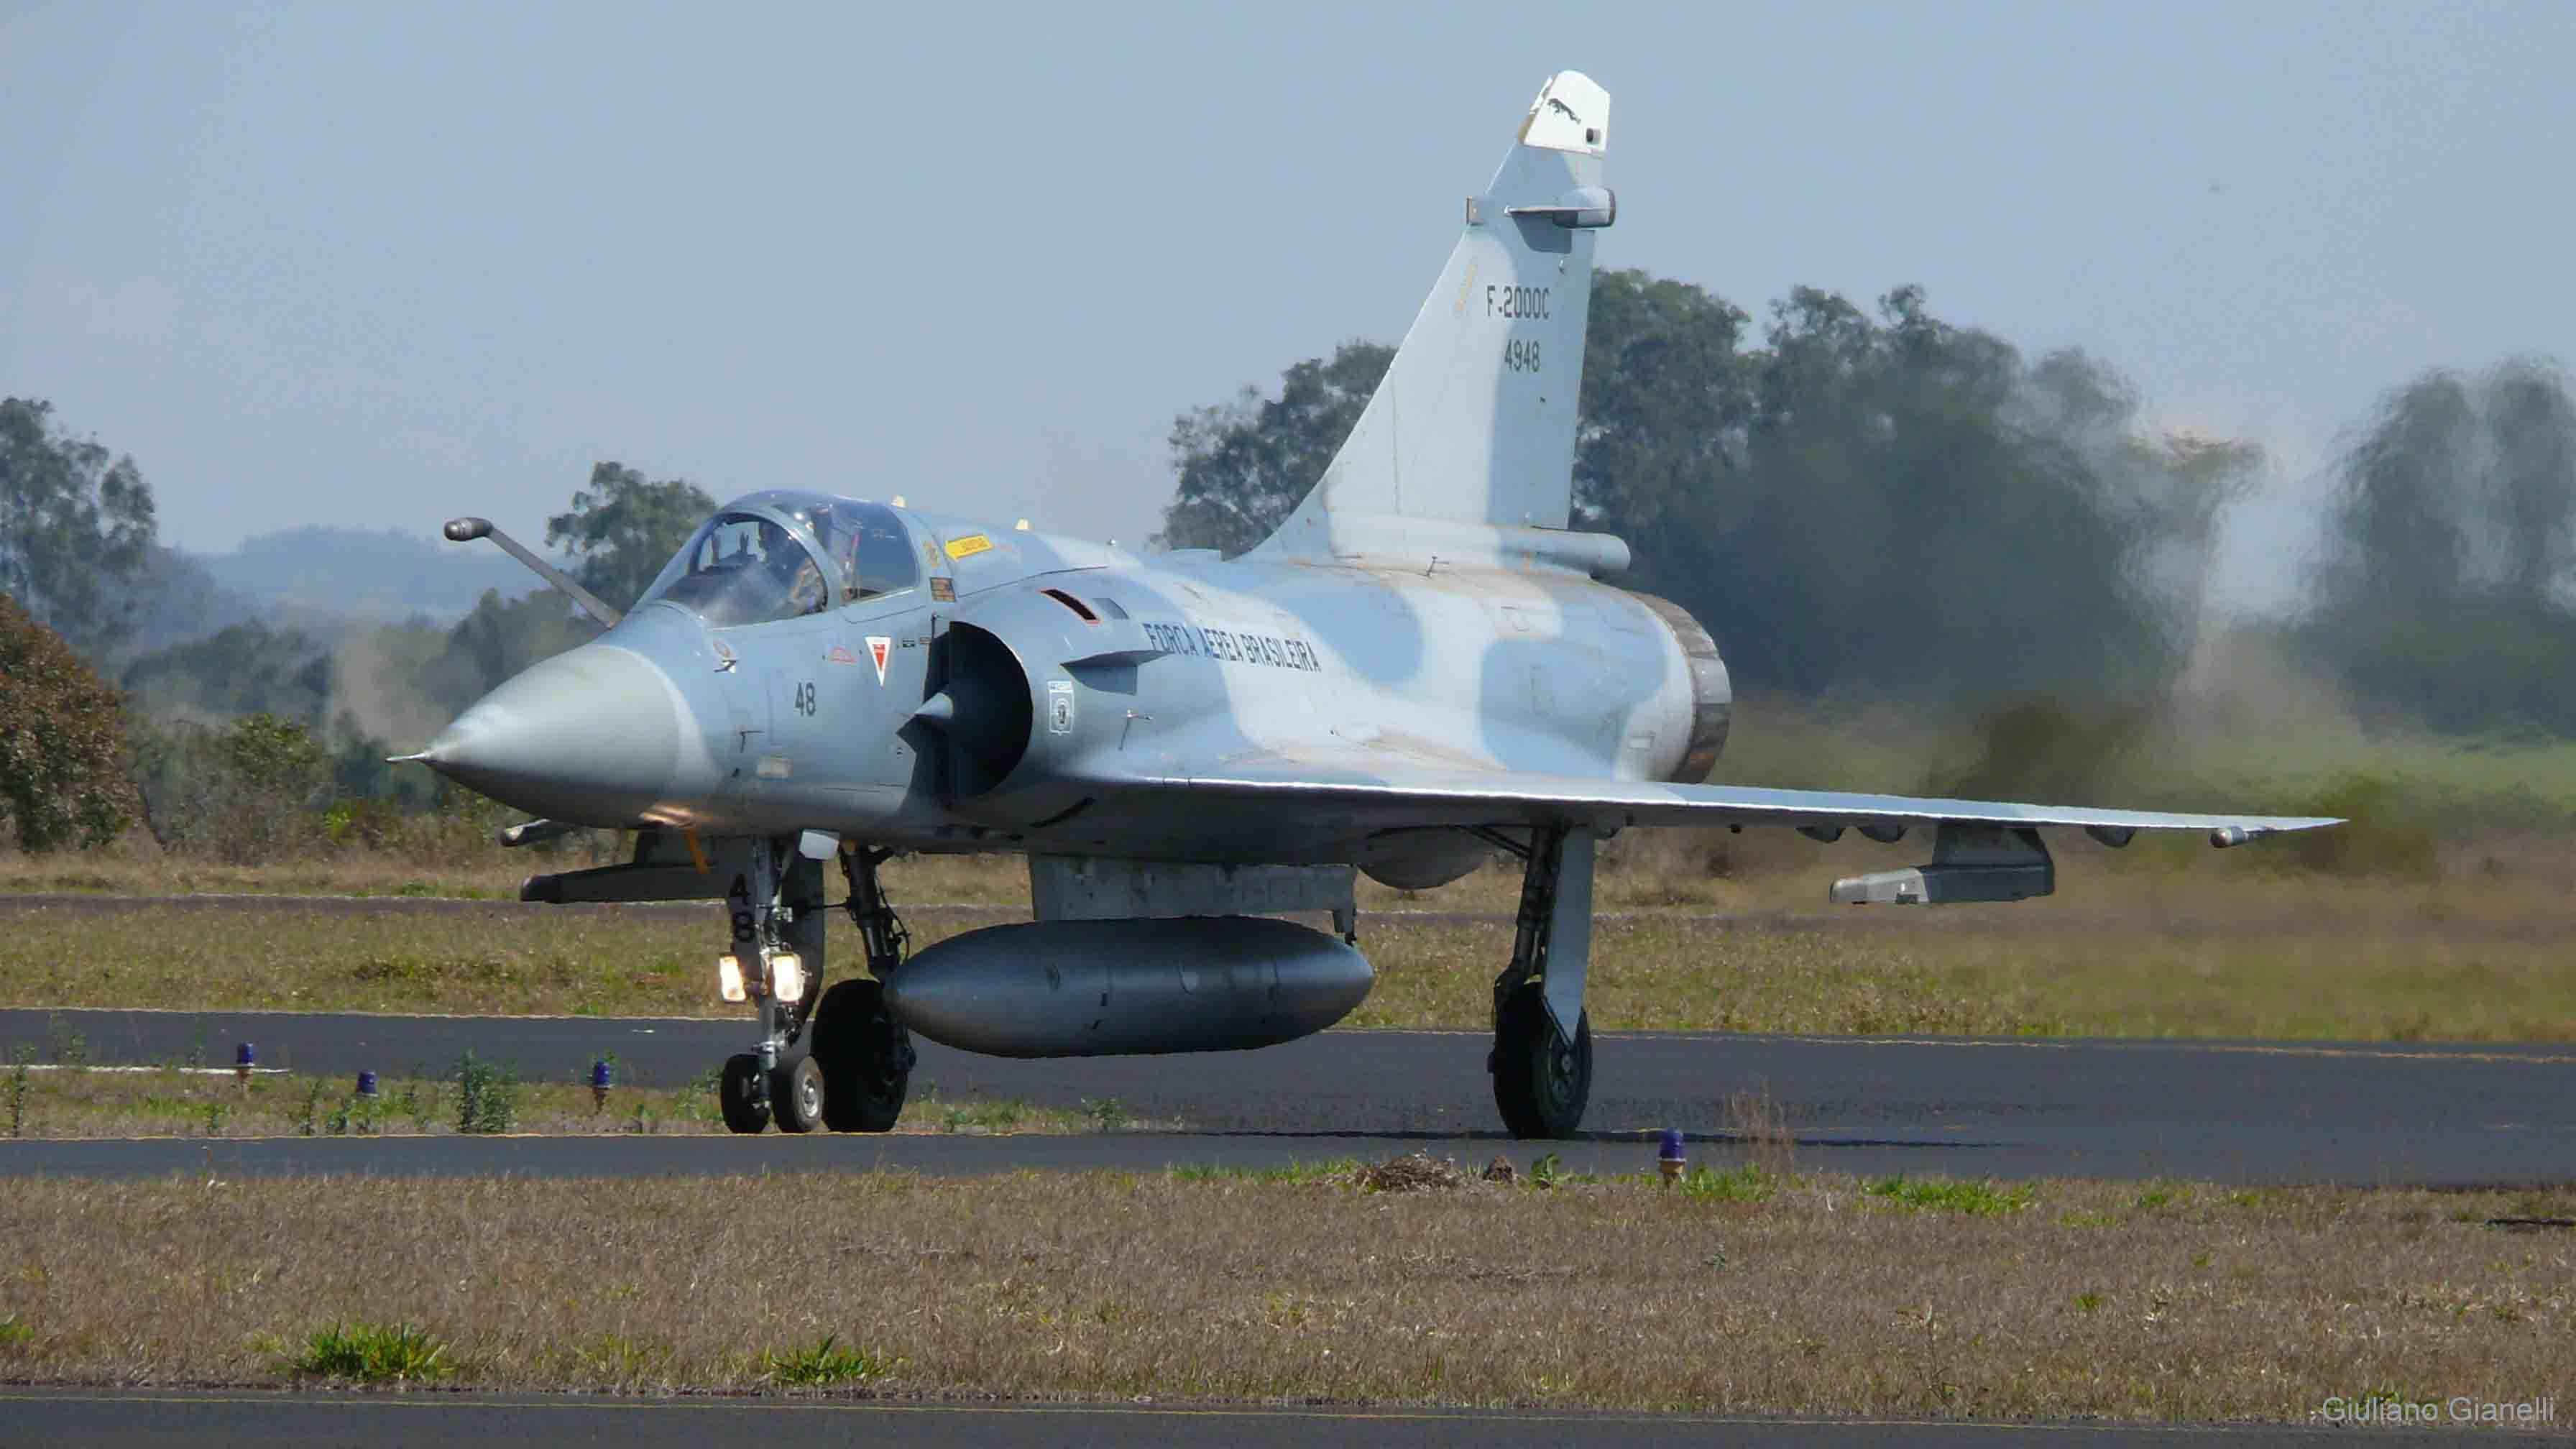 Dassault Mirage 2000 Wallpapers - Wallpaper Cave